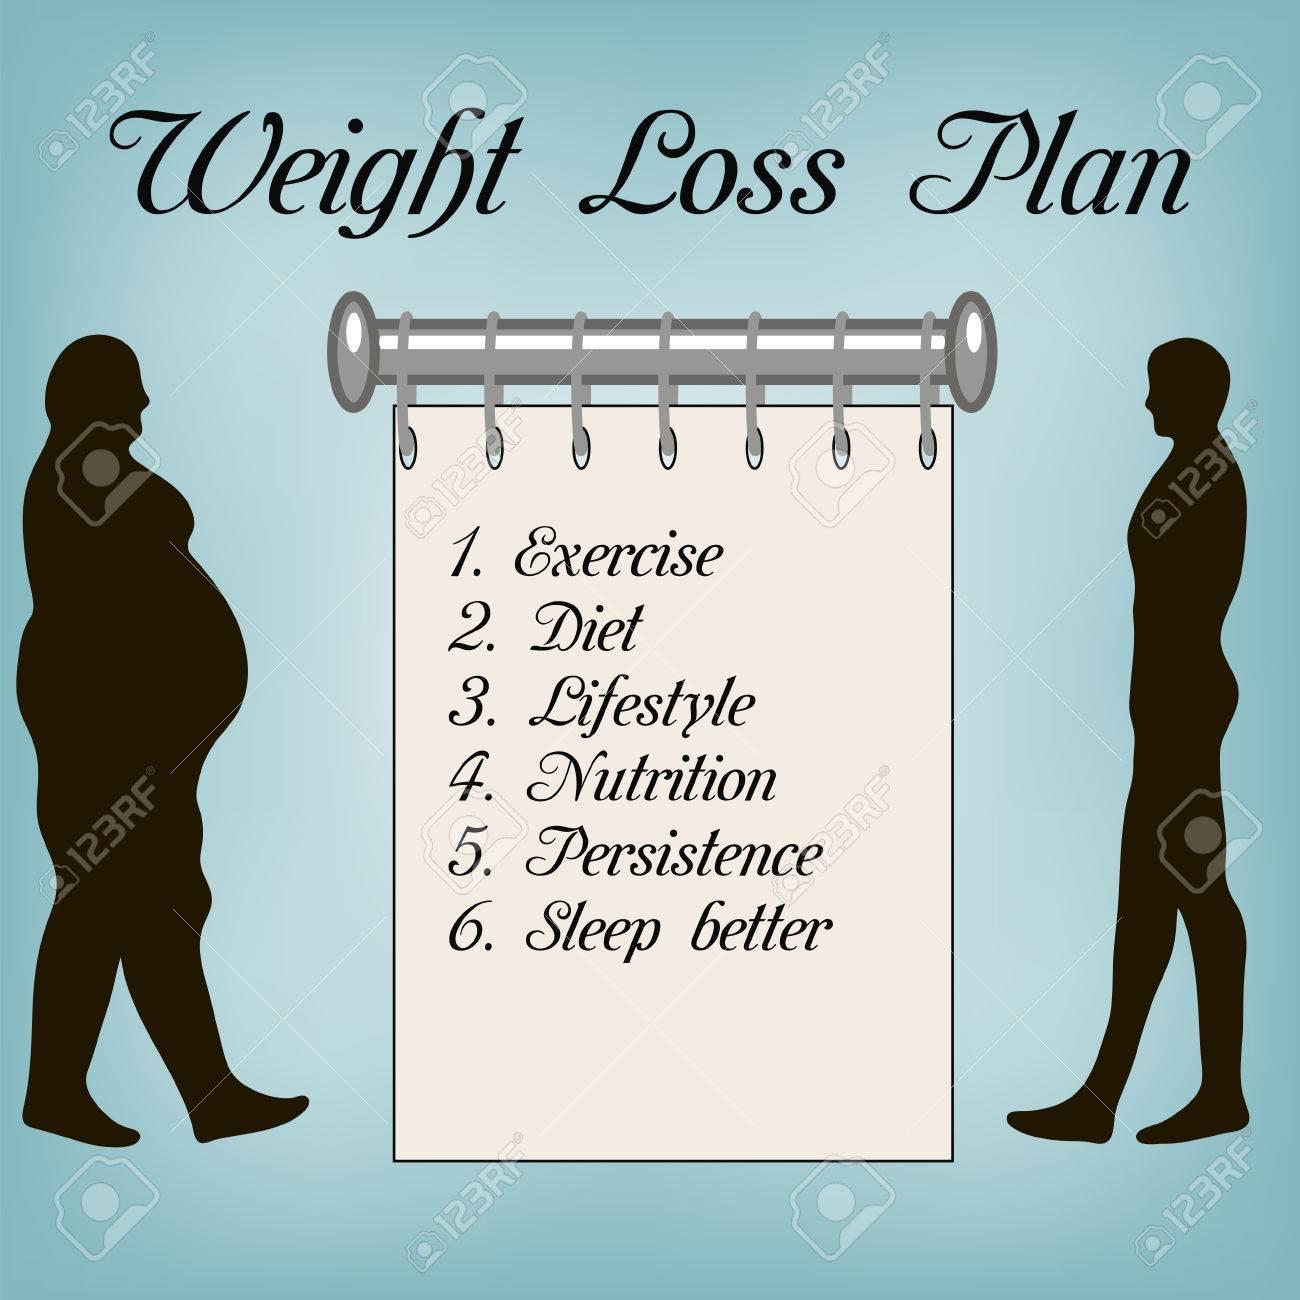 Liquid diet 1 week weight loss